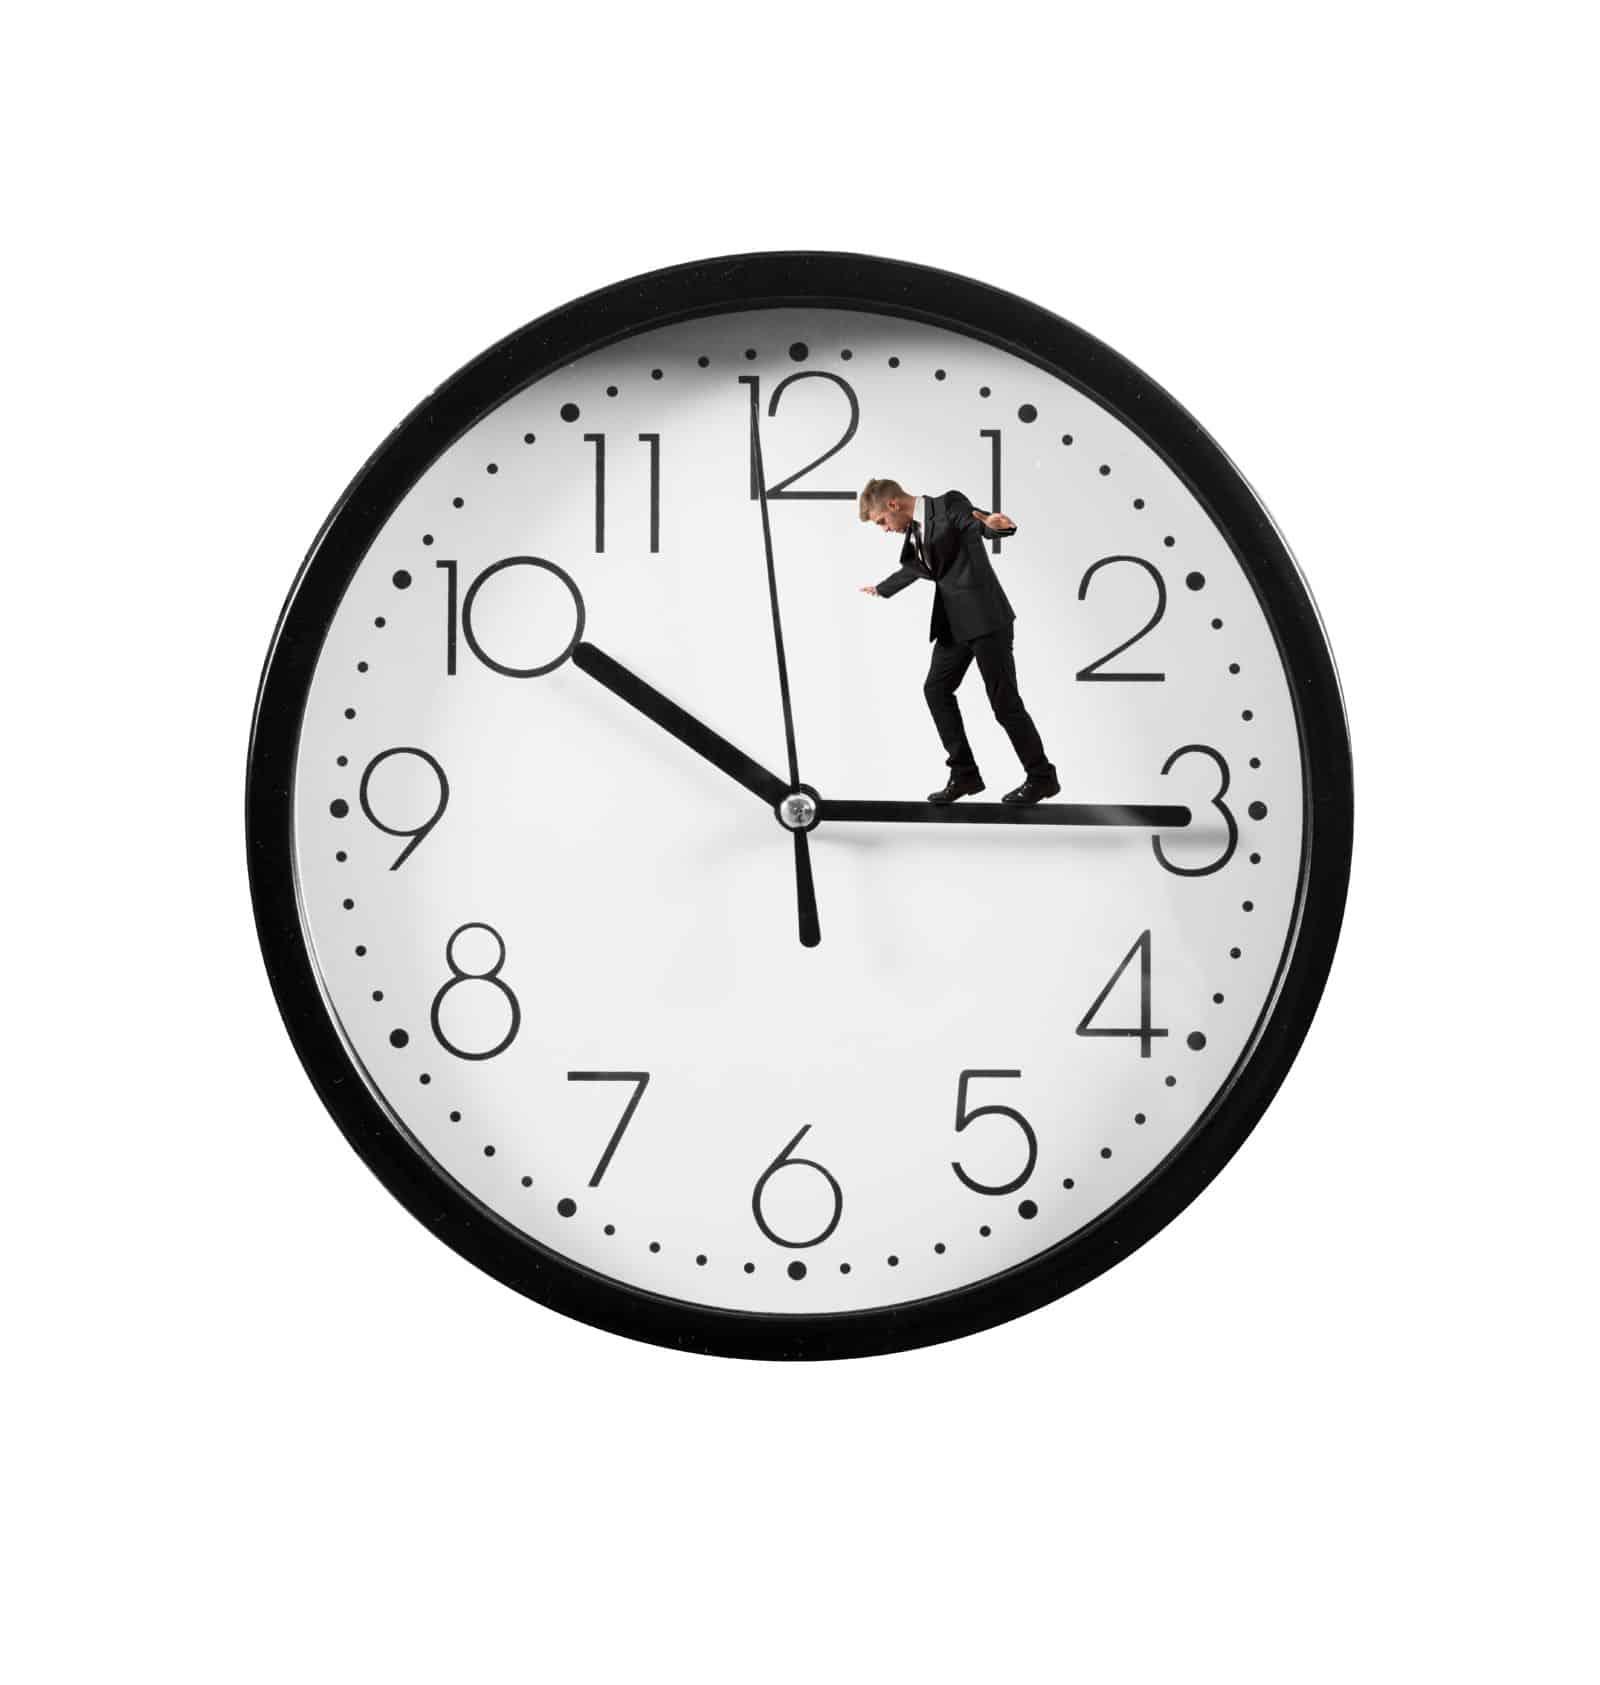 Как расчитать зп при работе 2 часа в день